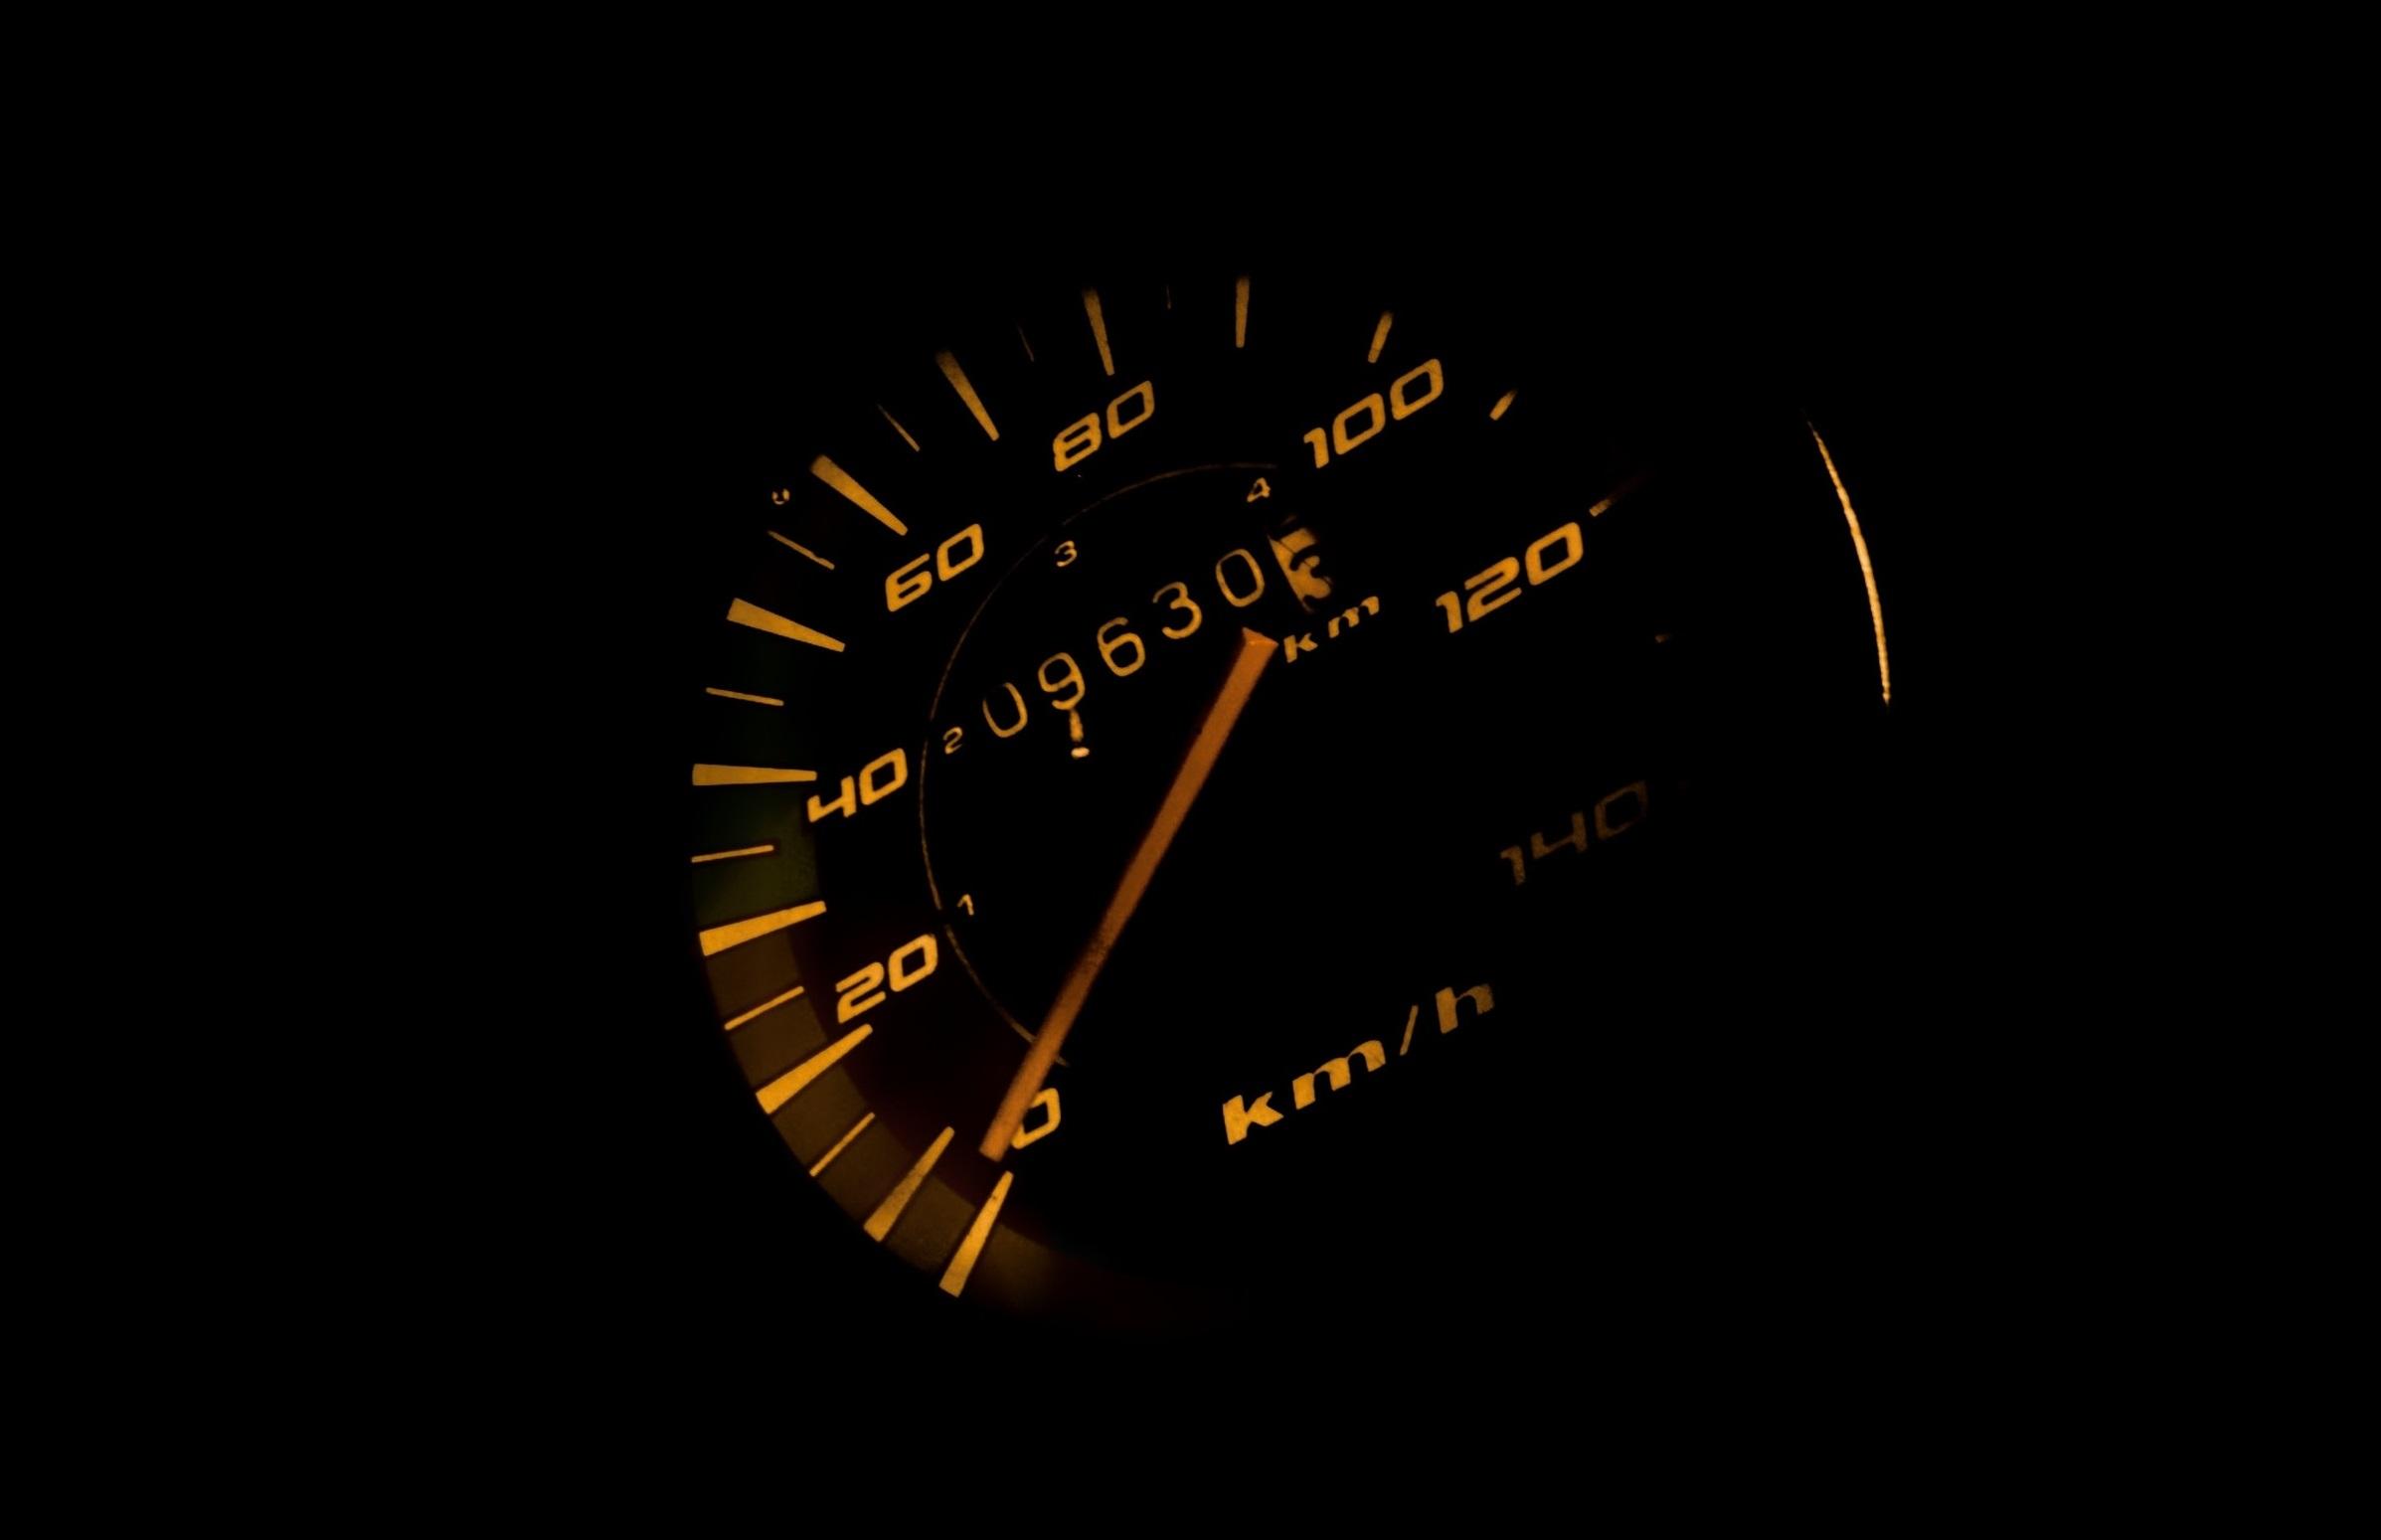 Britská analýza ukázala TOP 10 áut so stočenými kilometrami